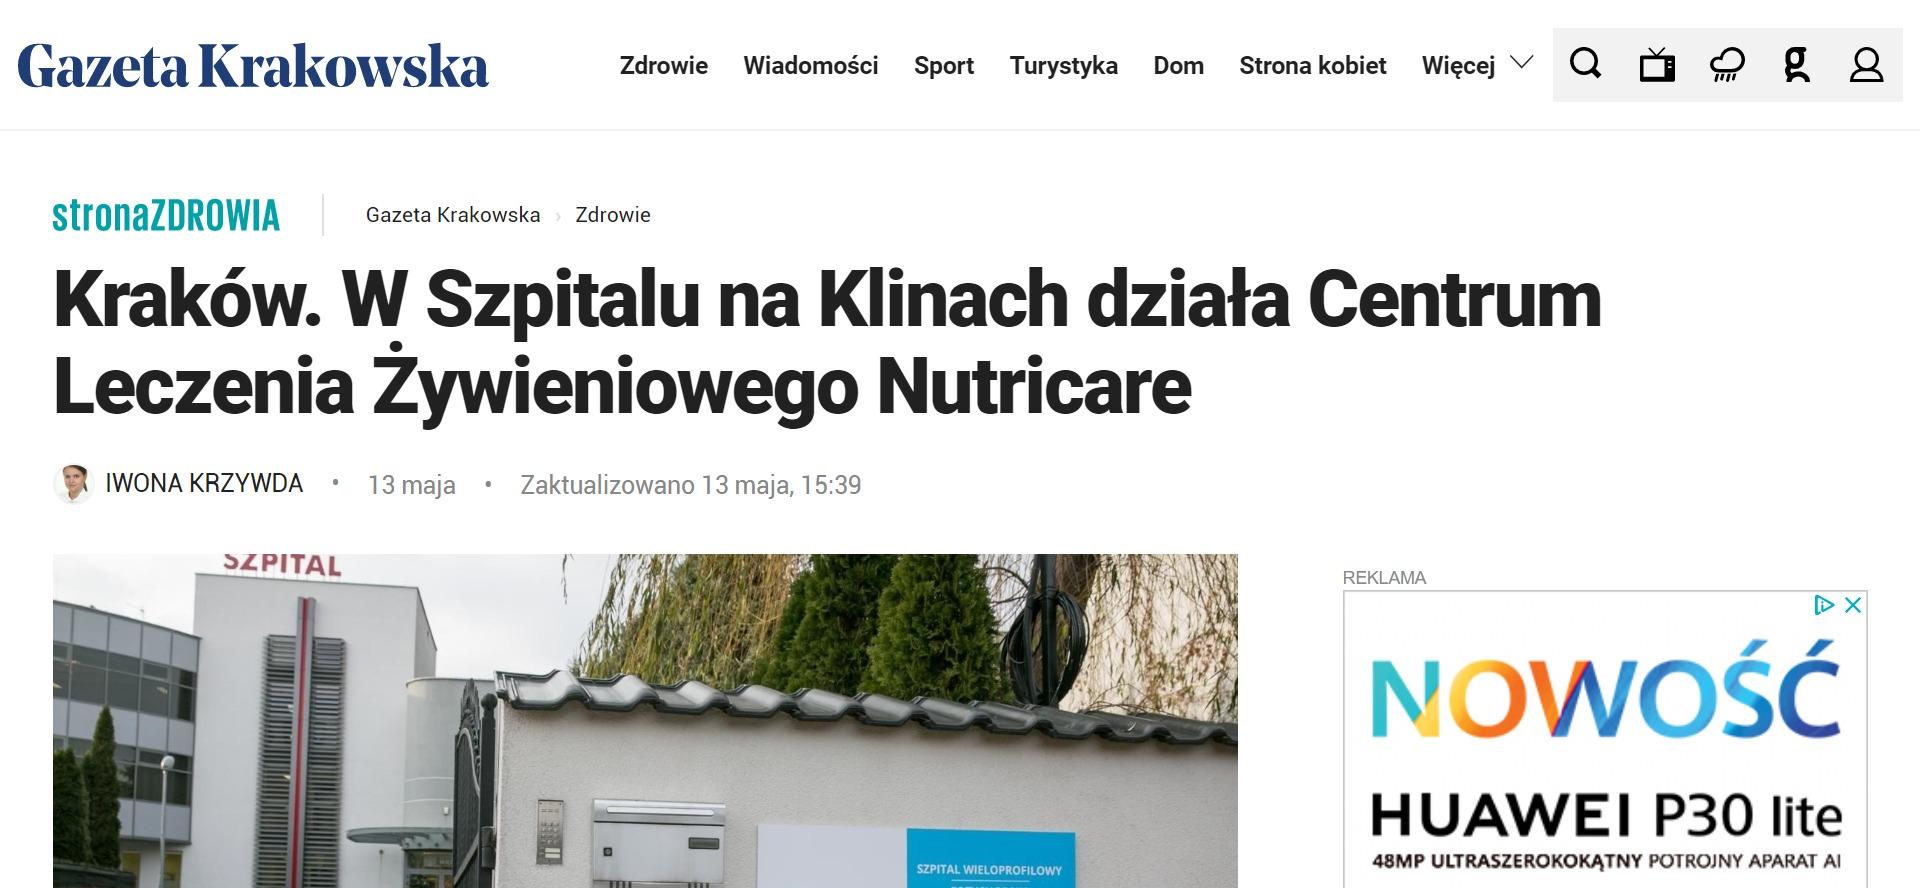 Kraków. W Szpitalu na Klinach działa Centrum Leczenia Żywieniowego Nutricare